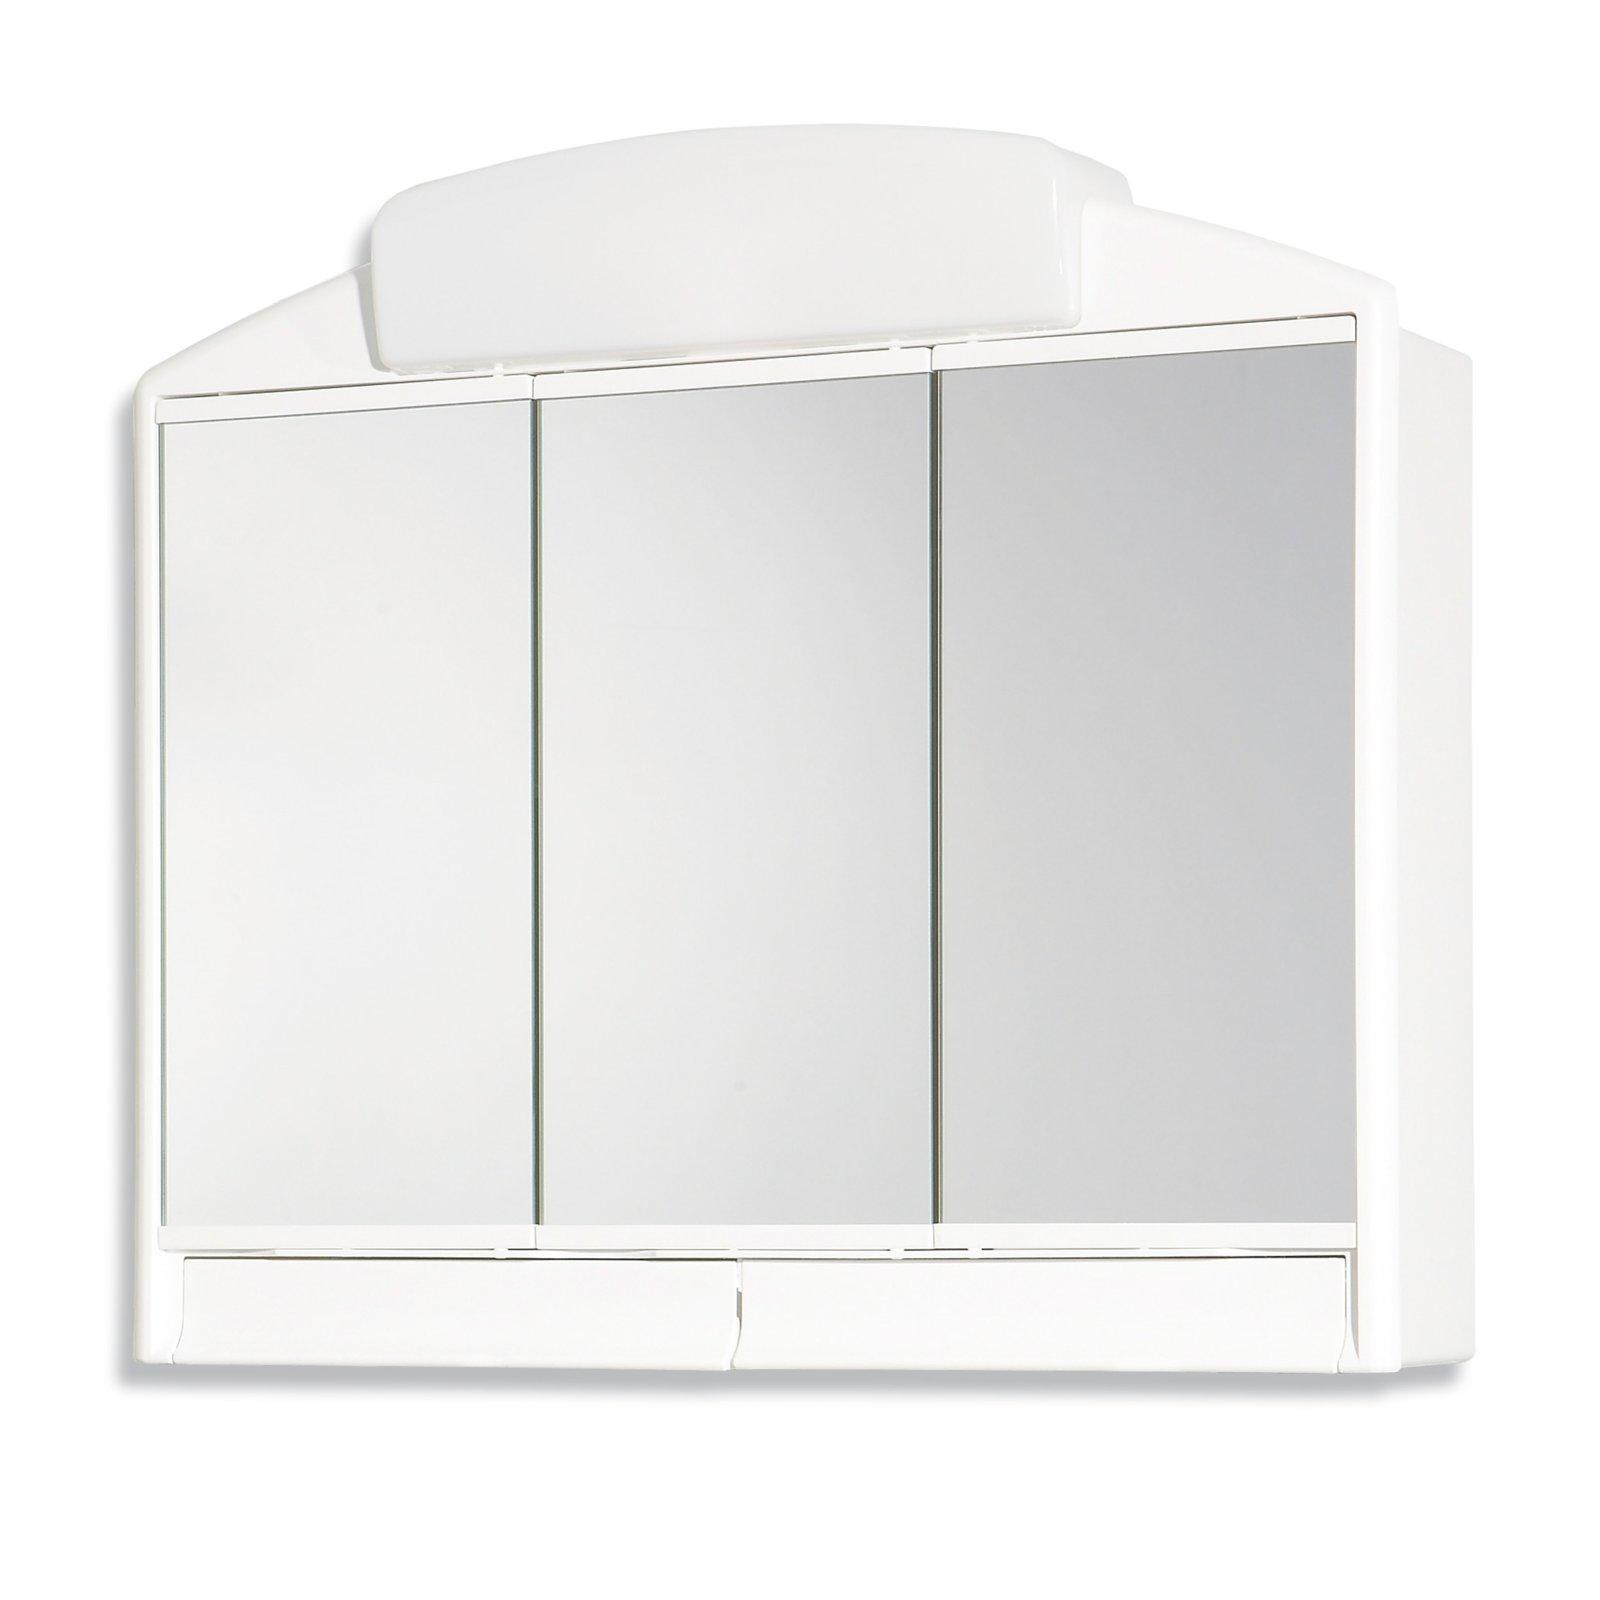 Spiegelschränke bei ROLLER günstig online kaufen – Schrank mit Spiegel